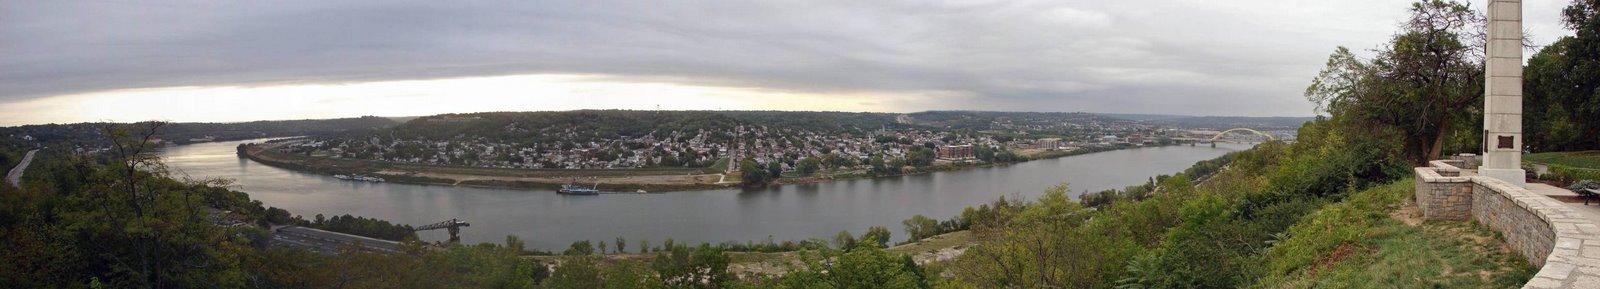 10-9-07 Panoramic